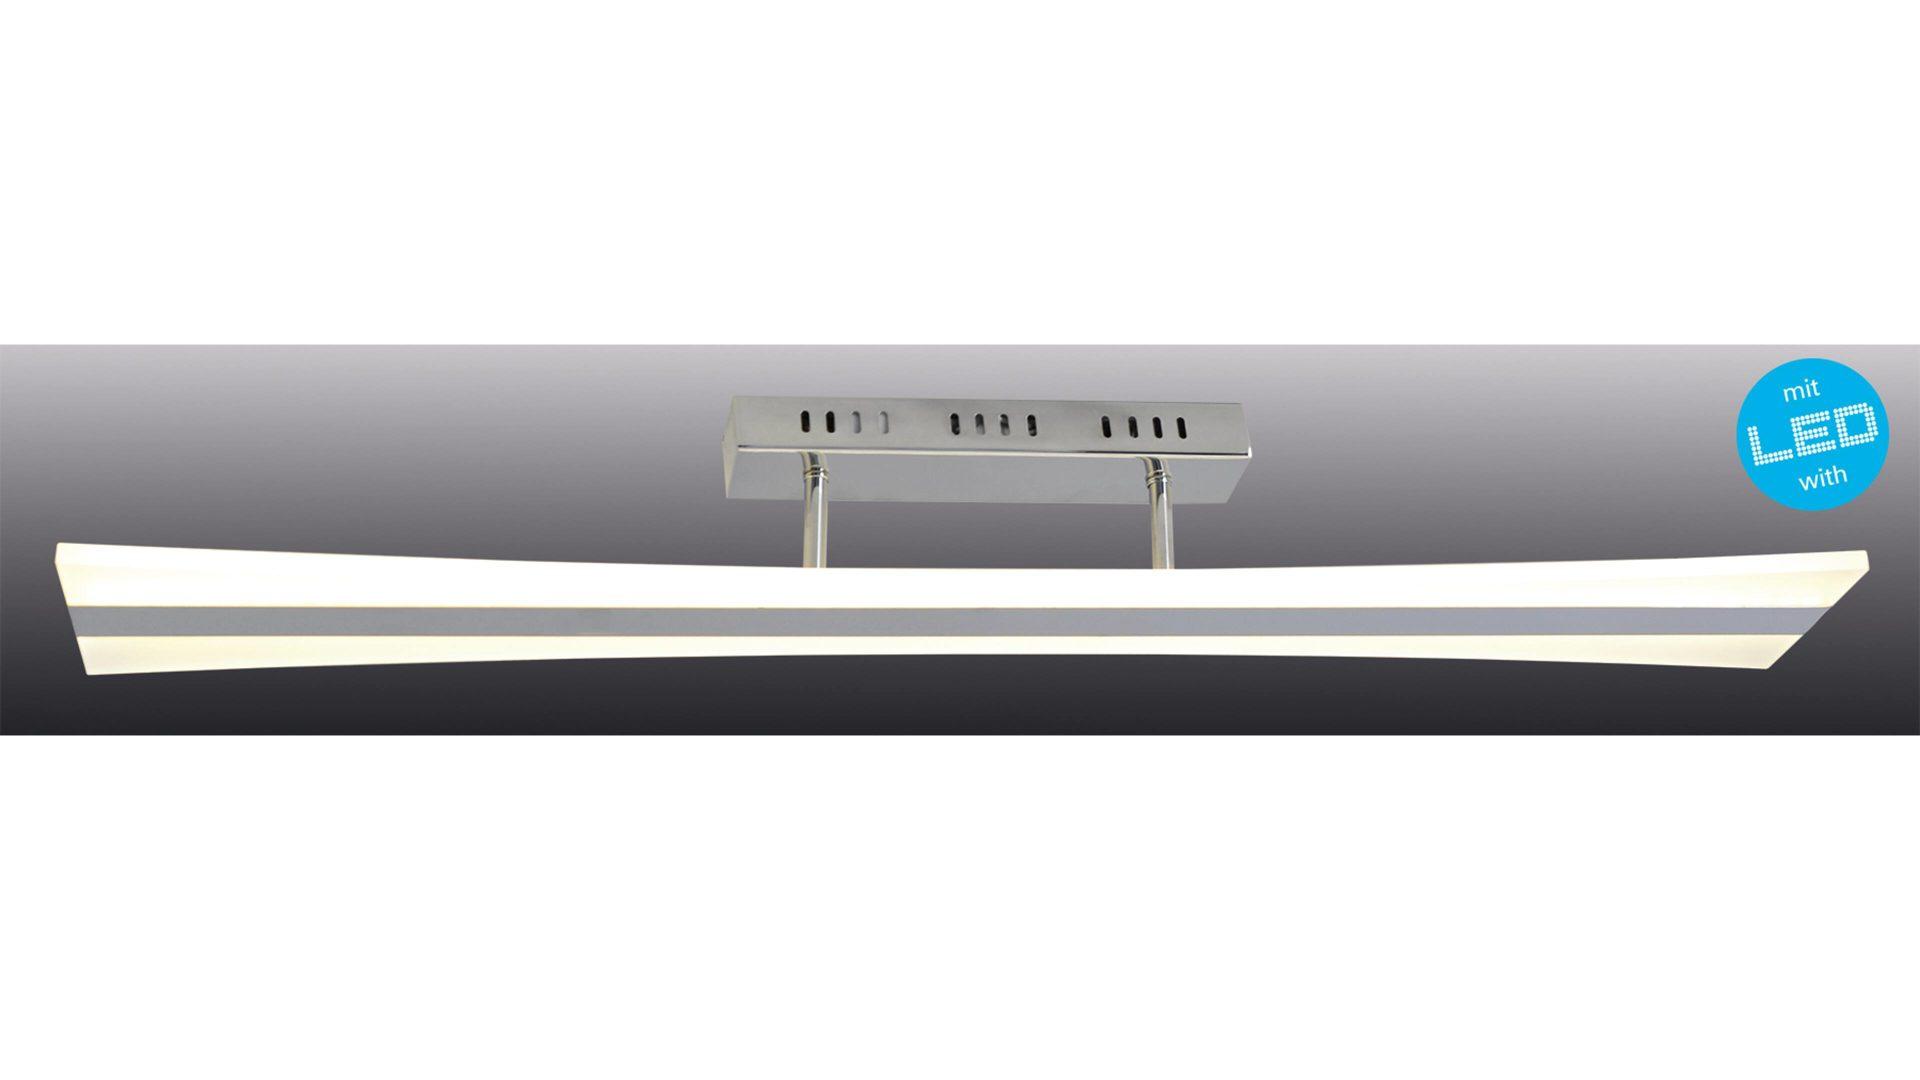 näve LED-Deckenleuchte Barrel, silberfarben – Länge ca. 16 cm